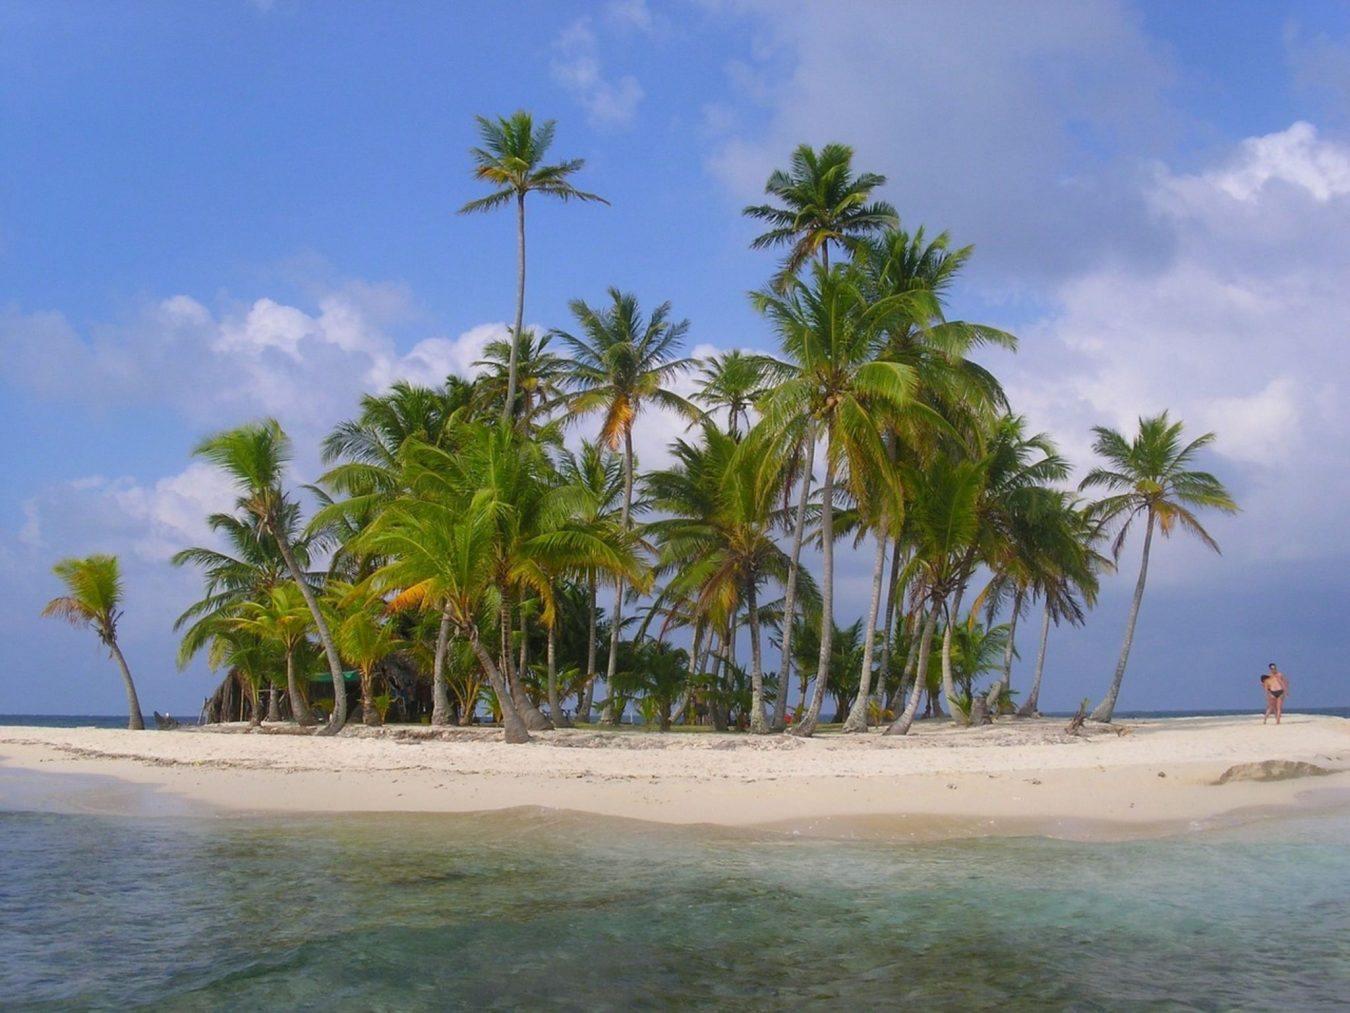 Eine Reise, zwei Kontinente - im Boot von Kolumbien nach Panama!